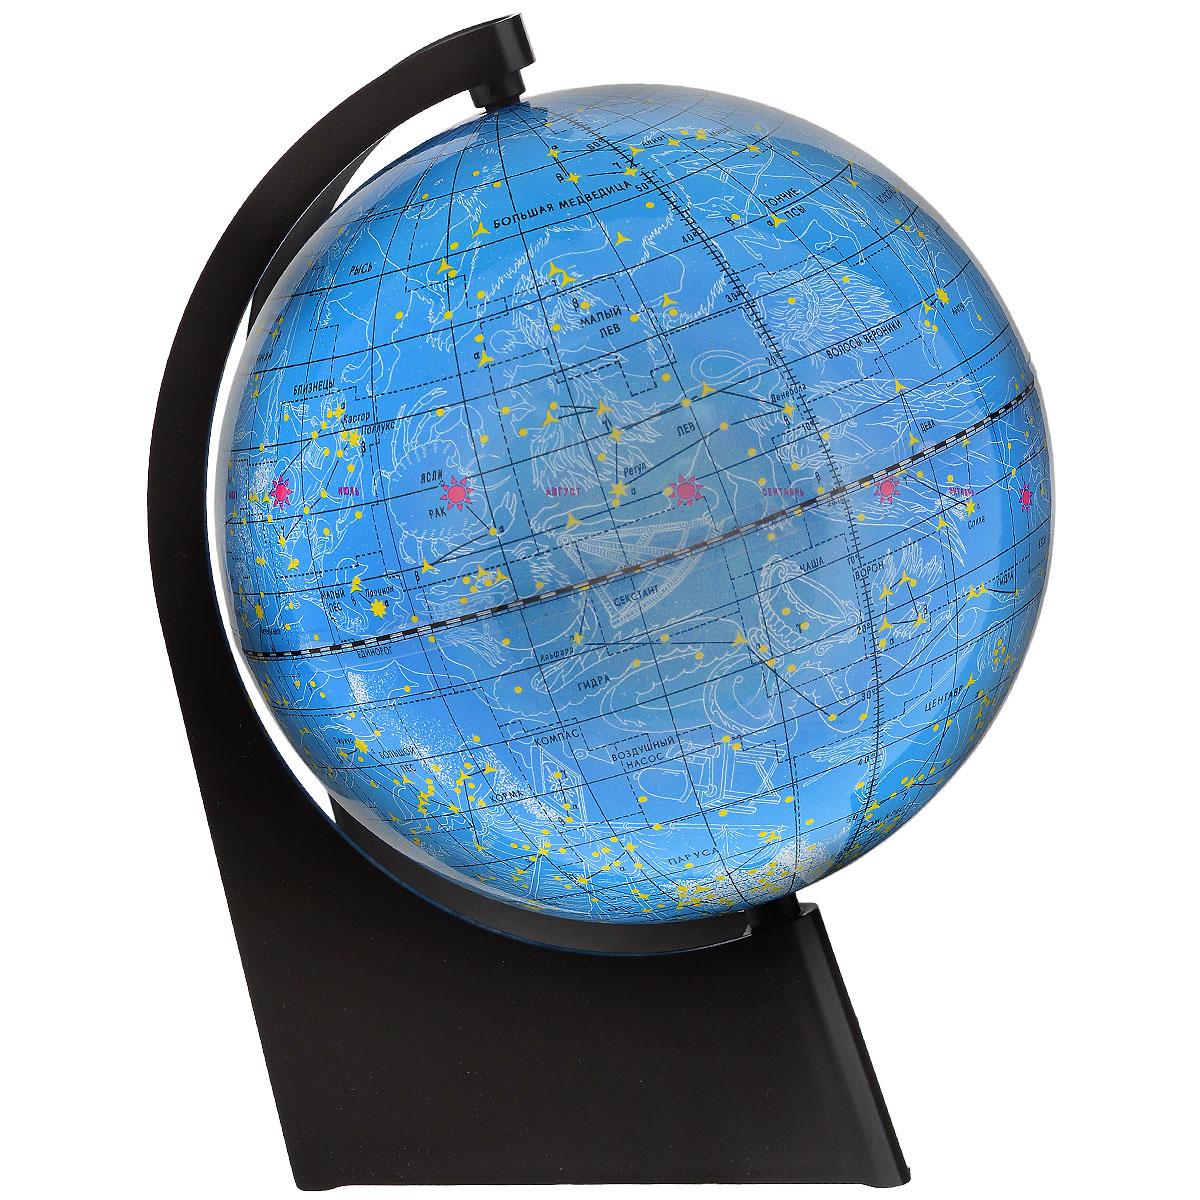 Глобусный мир Глобус звездного неба, диаметр 21 см10295Глобус звездного неба Глобусный мир, изготовленный из высококачественного прочного пластика. Данная модель предназначена для ознакомления с космосом, звездами и созвездиями. На нем нанесены те же круги, что и на картах звёздного неба, - небесные параллели, меридианы, экватор и эклиптика. Такой глобус станет прекрасным подарком и учебным материалом для дальнейшего изучения астрономии. Помимо этого глобус обладает приятной цветовой гаммой. Изделие расположено на треугольной подставке. Настольный глобус звездного неба Глобусный мир станет оригинальным украшением рабочего стола или вашего кабинета. Это изысканная вещь для стильного интерьера, которая станет прекрасным подарком для современного преуспевающего человека, следующего последним тенденциям моды и стремящегося к элегантности и комфорту в каждой детали. Масштаб: 1:60 000 000.